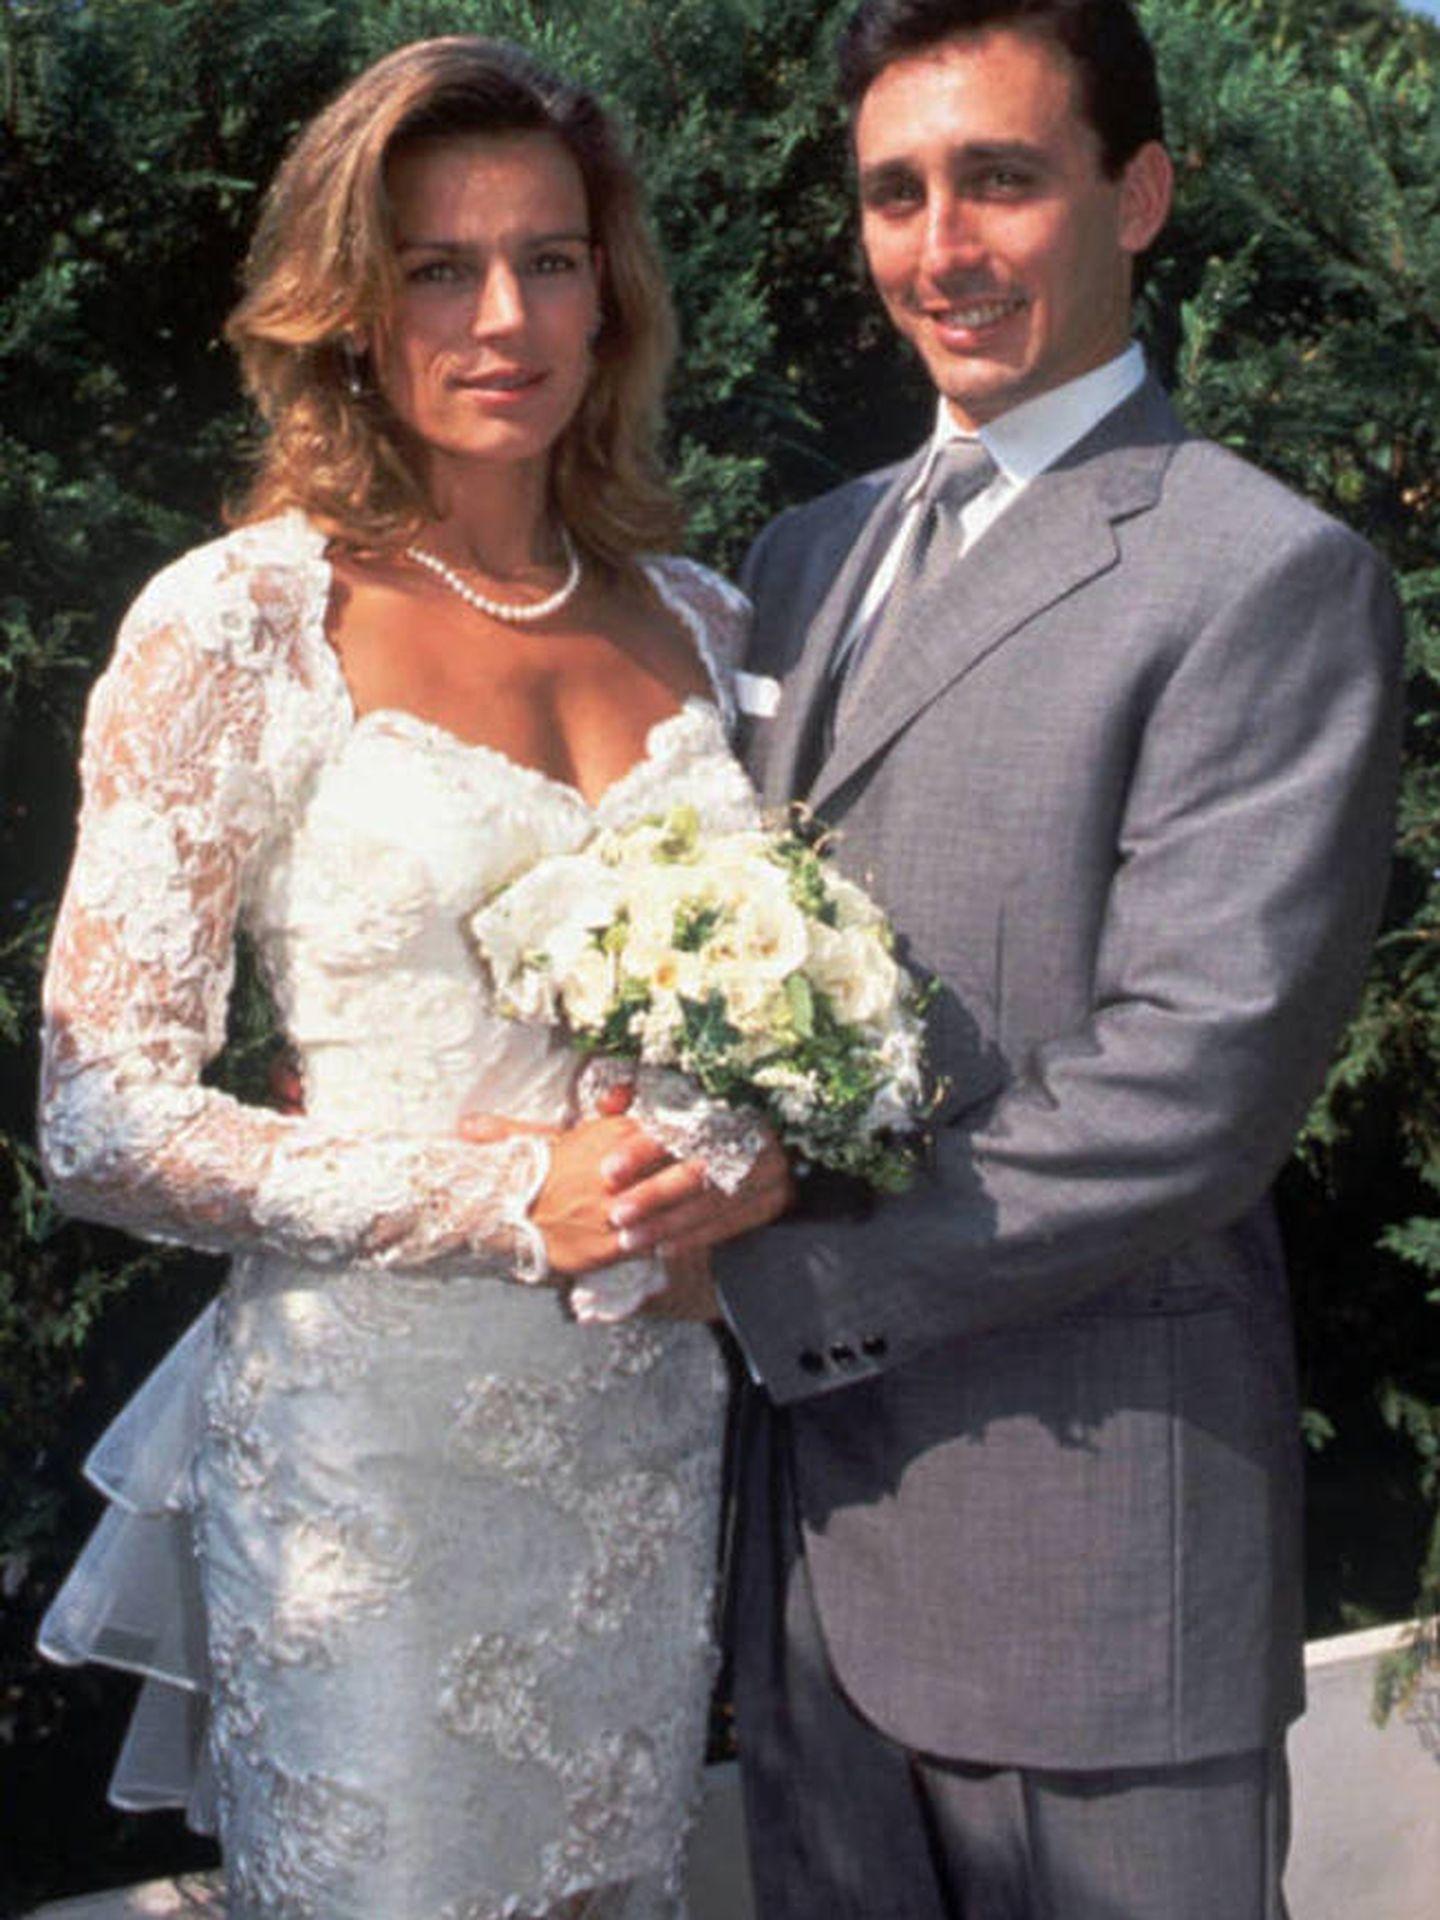 Estefanía de Mónaco y Daniel Ducruet, en su boda. (Palacio de Mónaco)